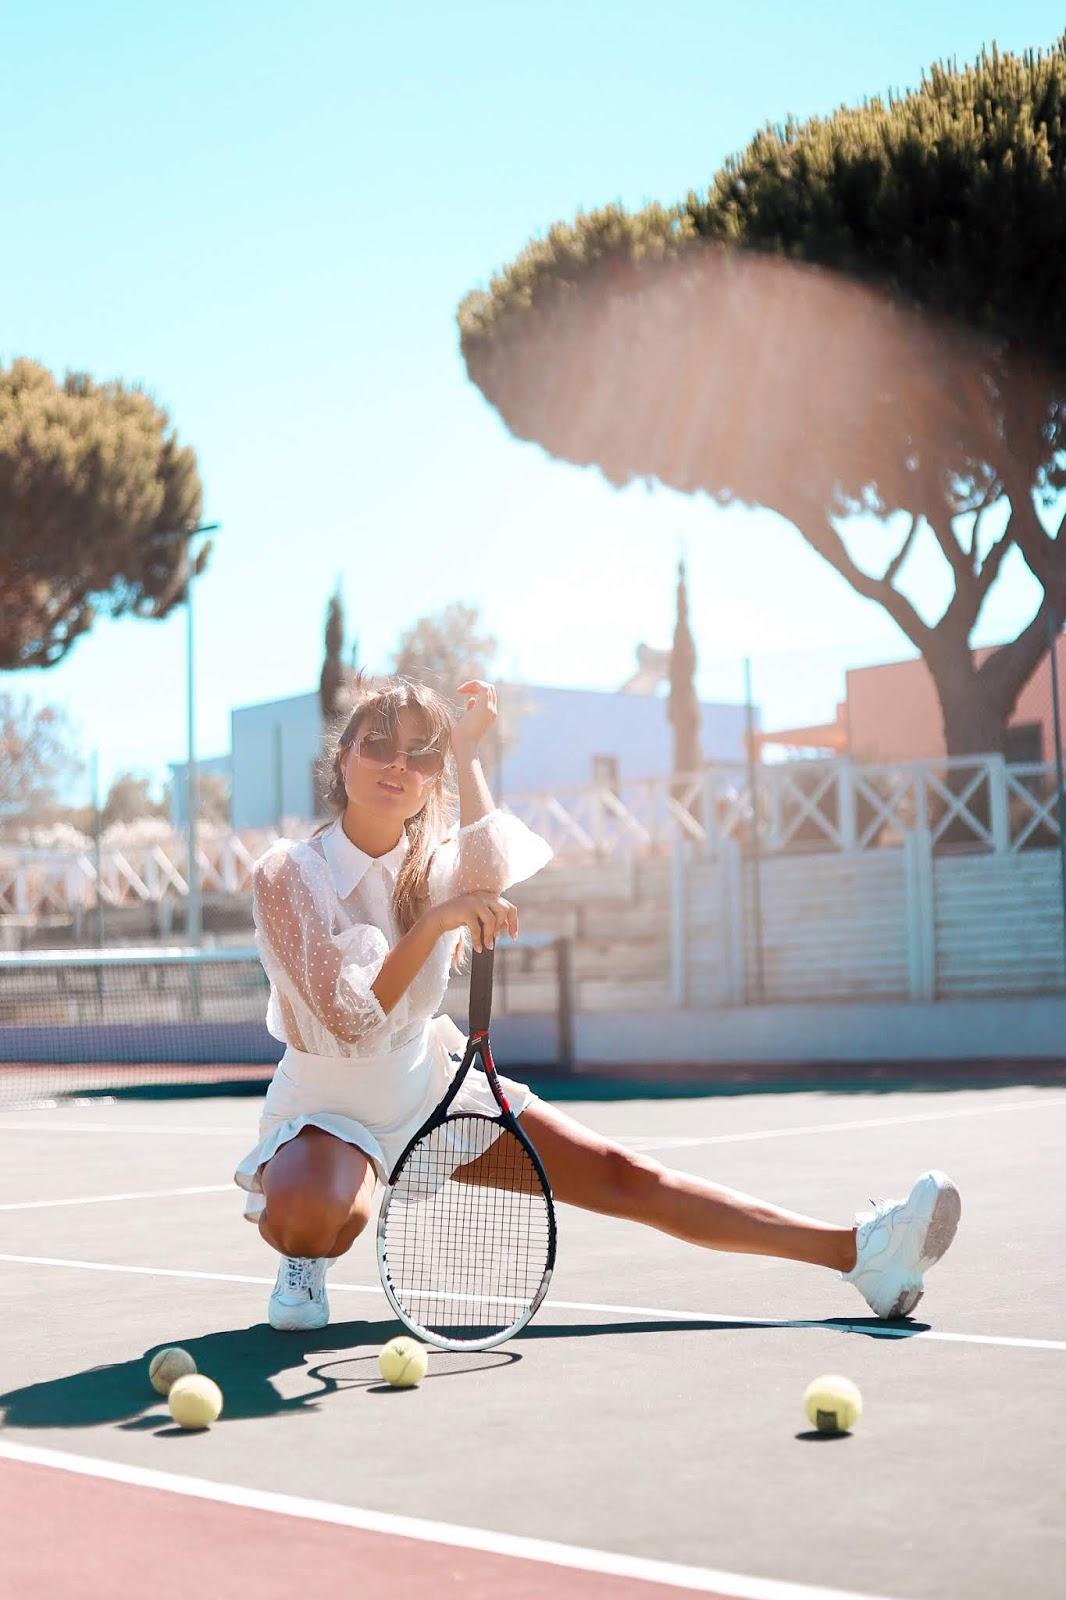 A vida é como um jogo de tenis